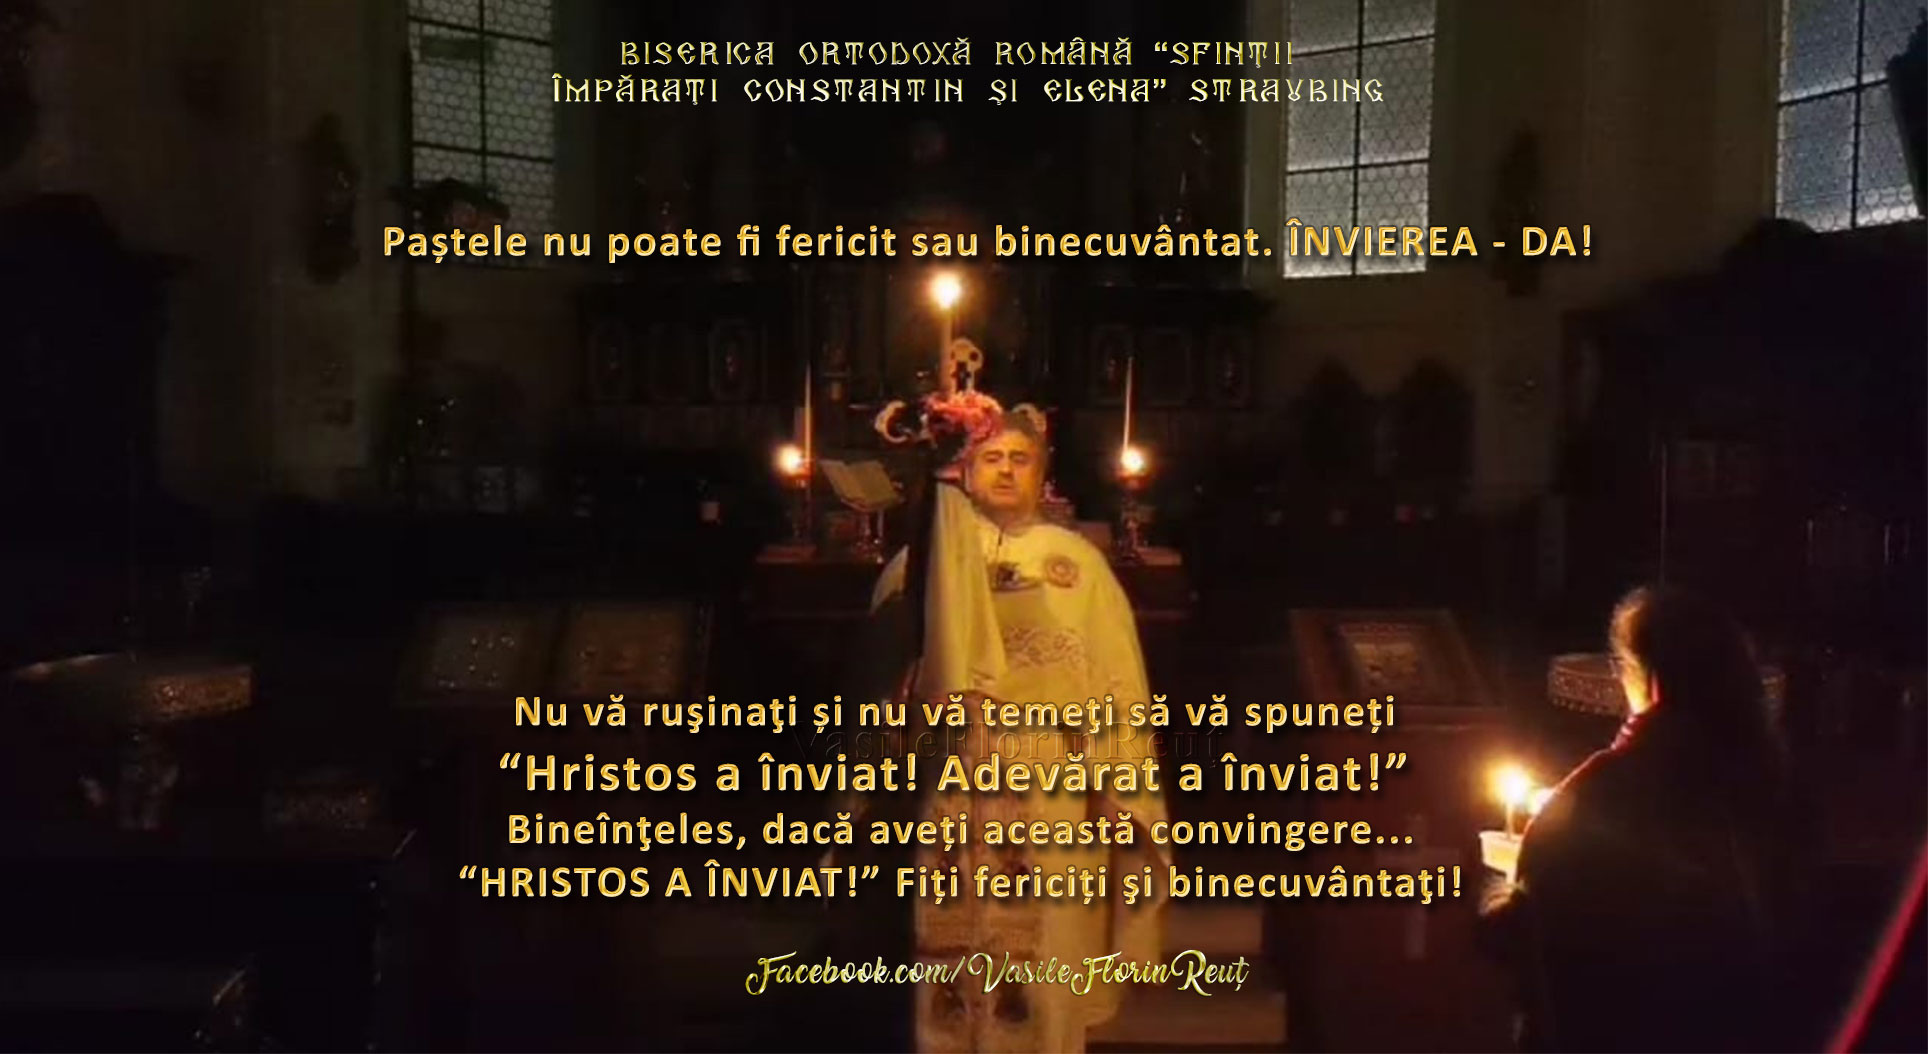 Hristos a înviat! Fiți fericiți şi binecuvântaţi! Părintele Vasile Florin Reuţ